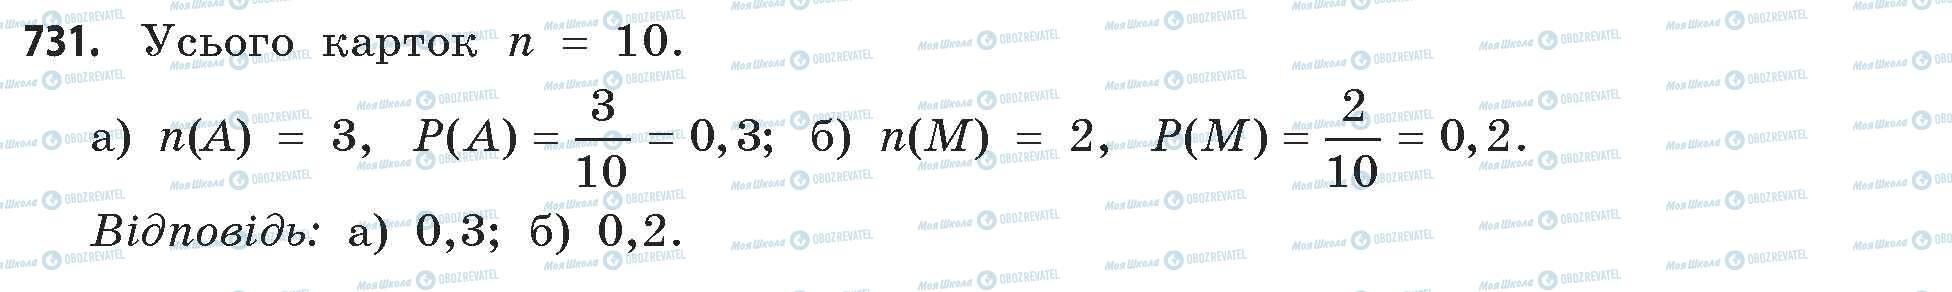 ГДЗ Математика 11 класс страница 731